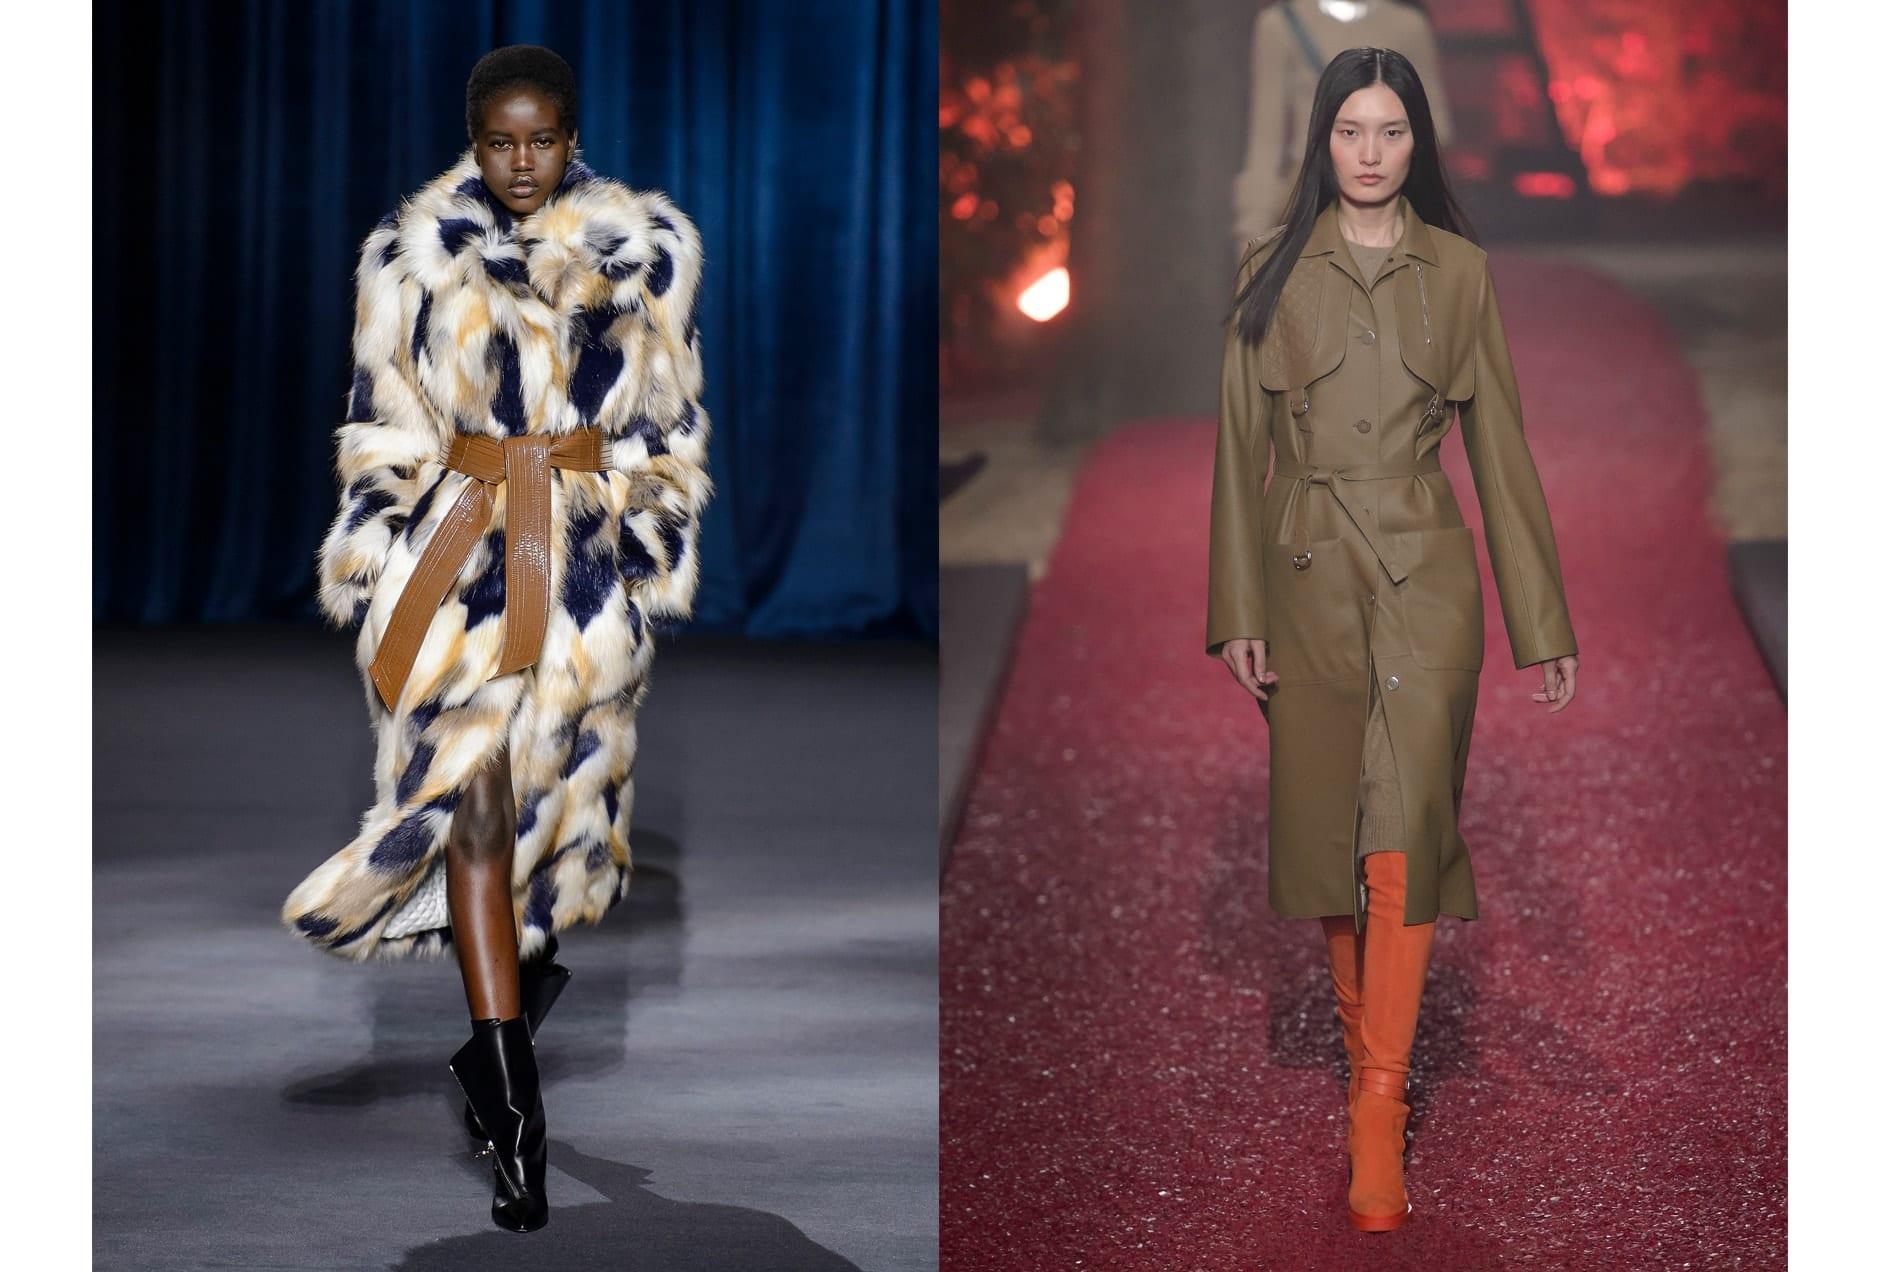 BELTED_COAT_DRESS_Givenchy_Hermes-min